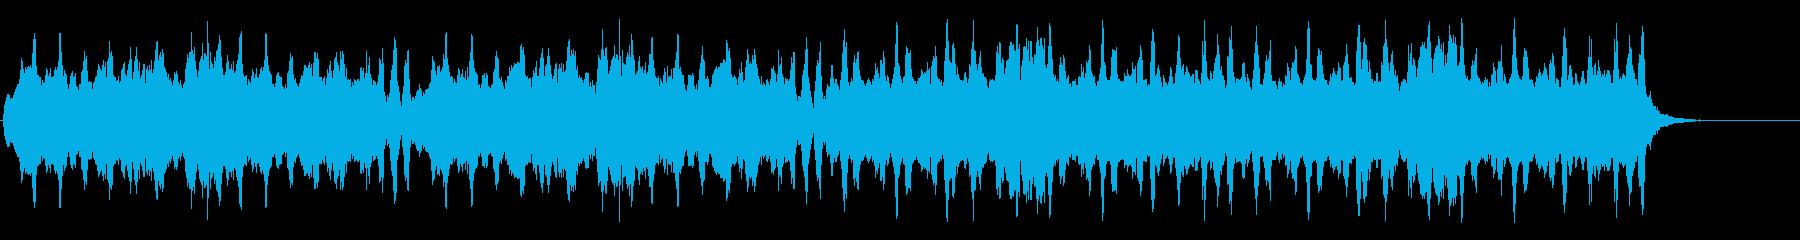 アイルランドのリコーダーアンサンブル風の再生済みの波形